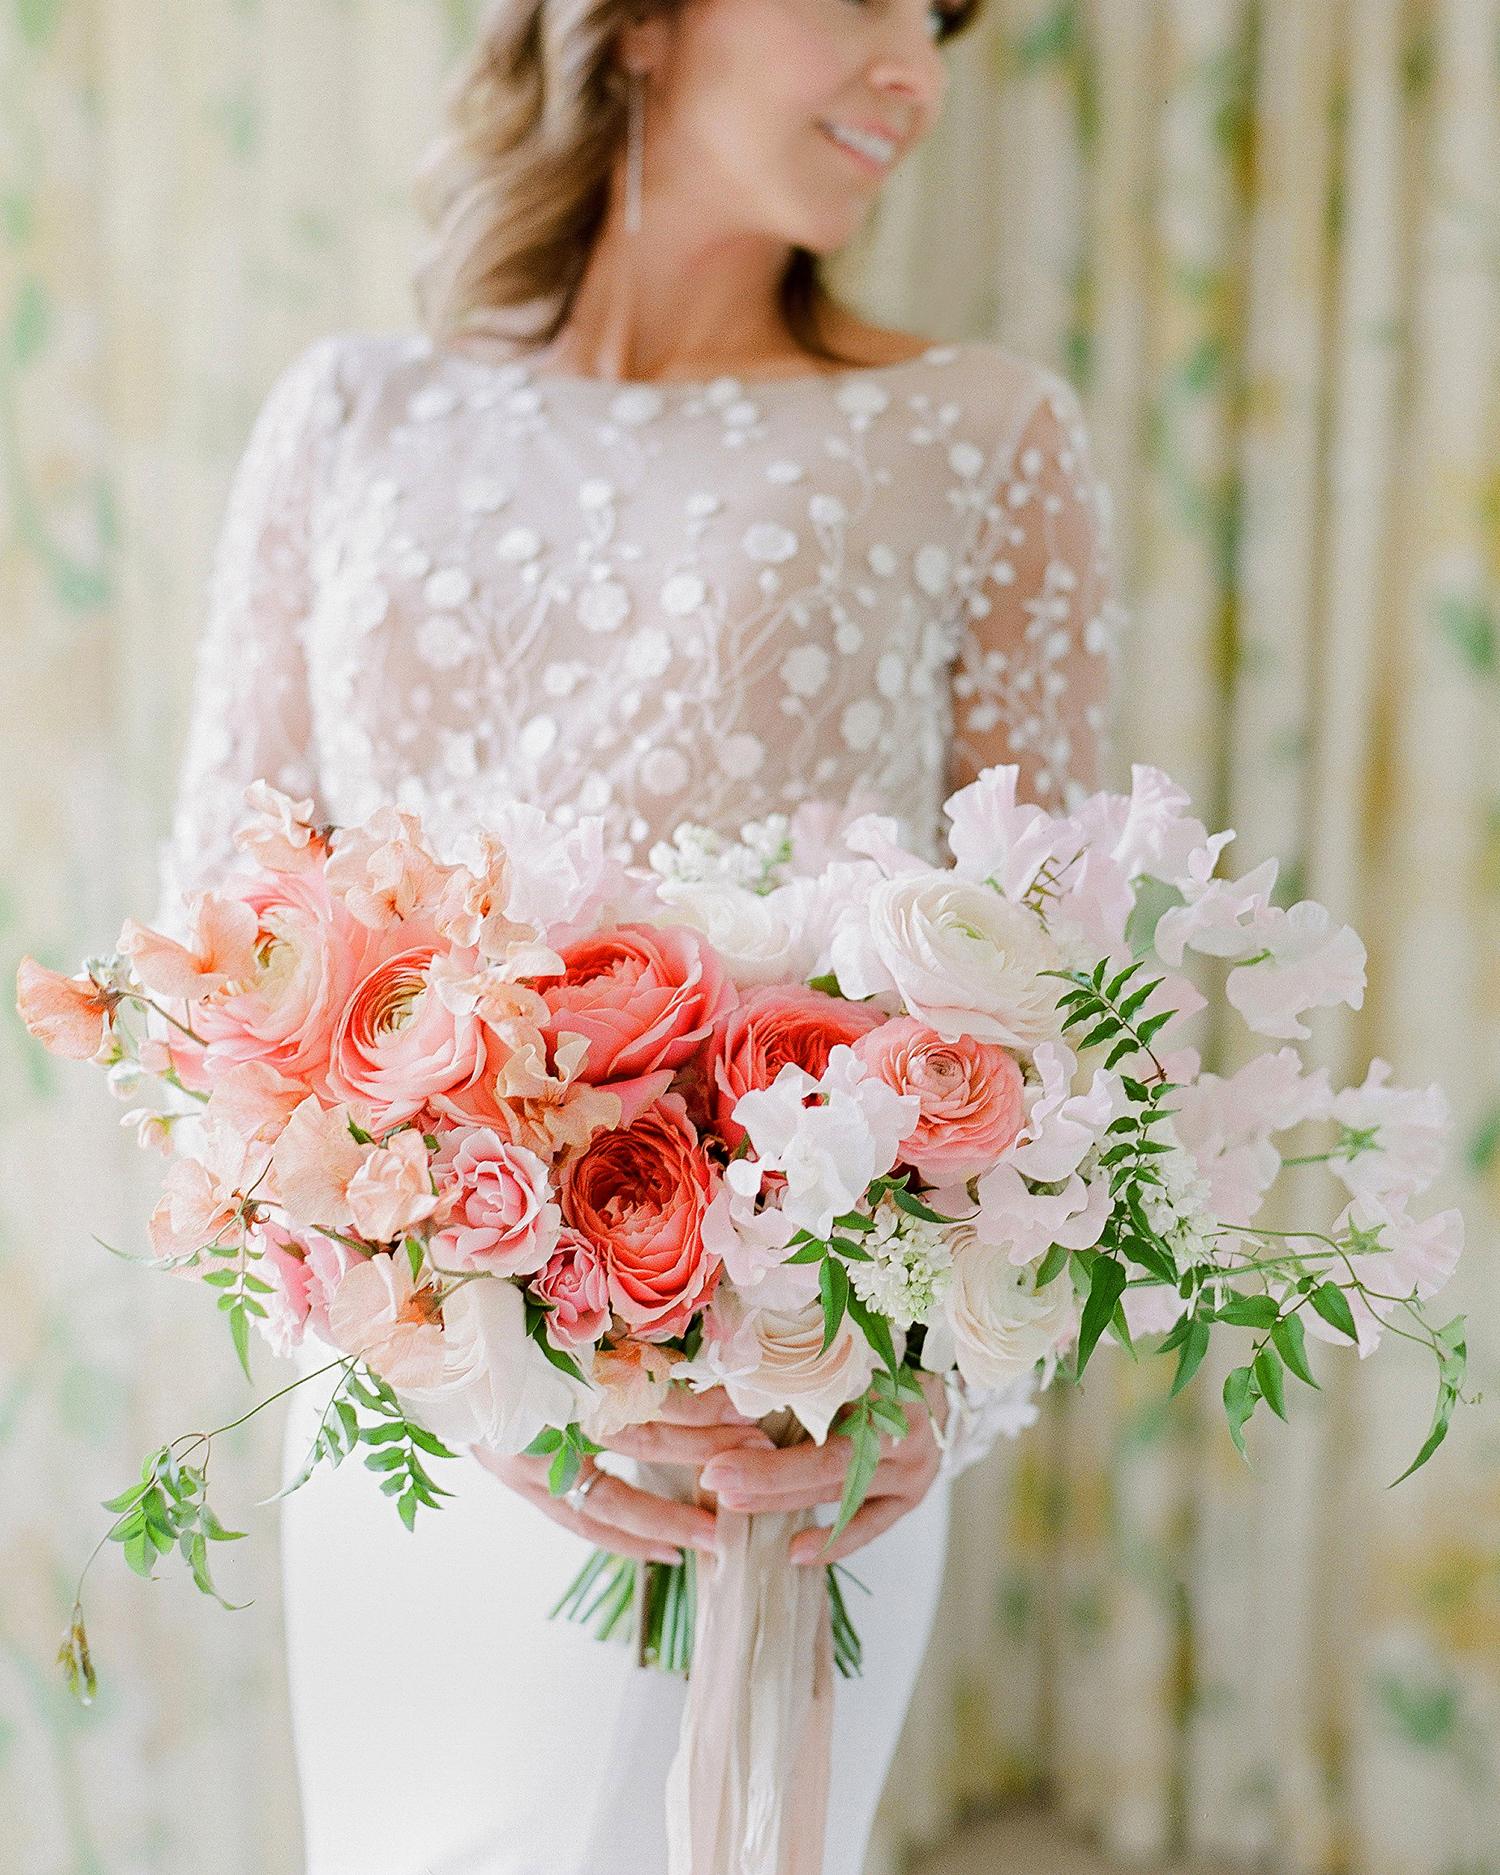 marianne patrick bridal bouquet